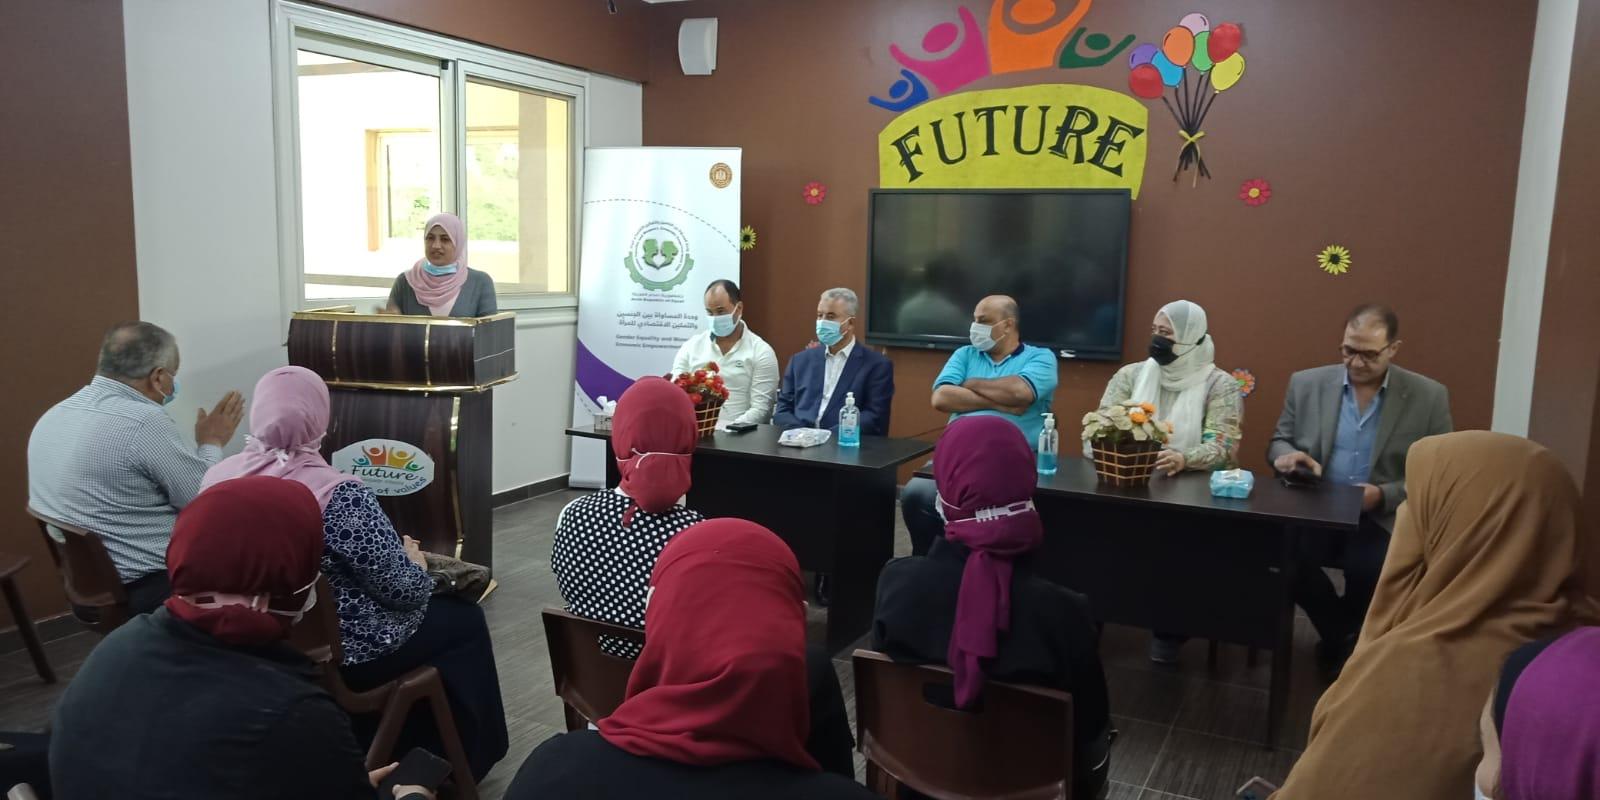 القوى العاملة تنظم ندوة لوحدة للمساواة بين الجنسين والتمكين الاقتصادي للمرأة بالمنوفية